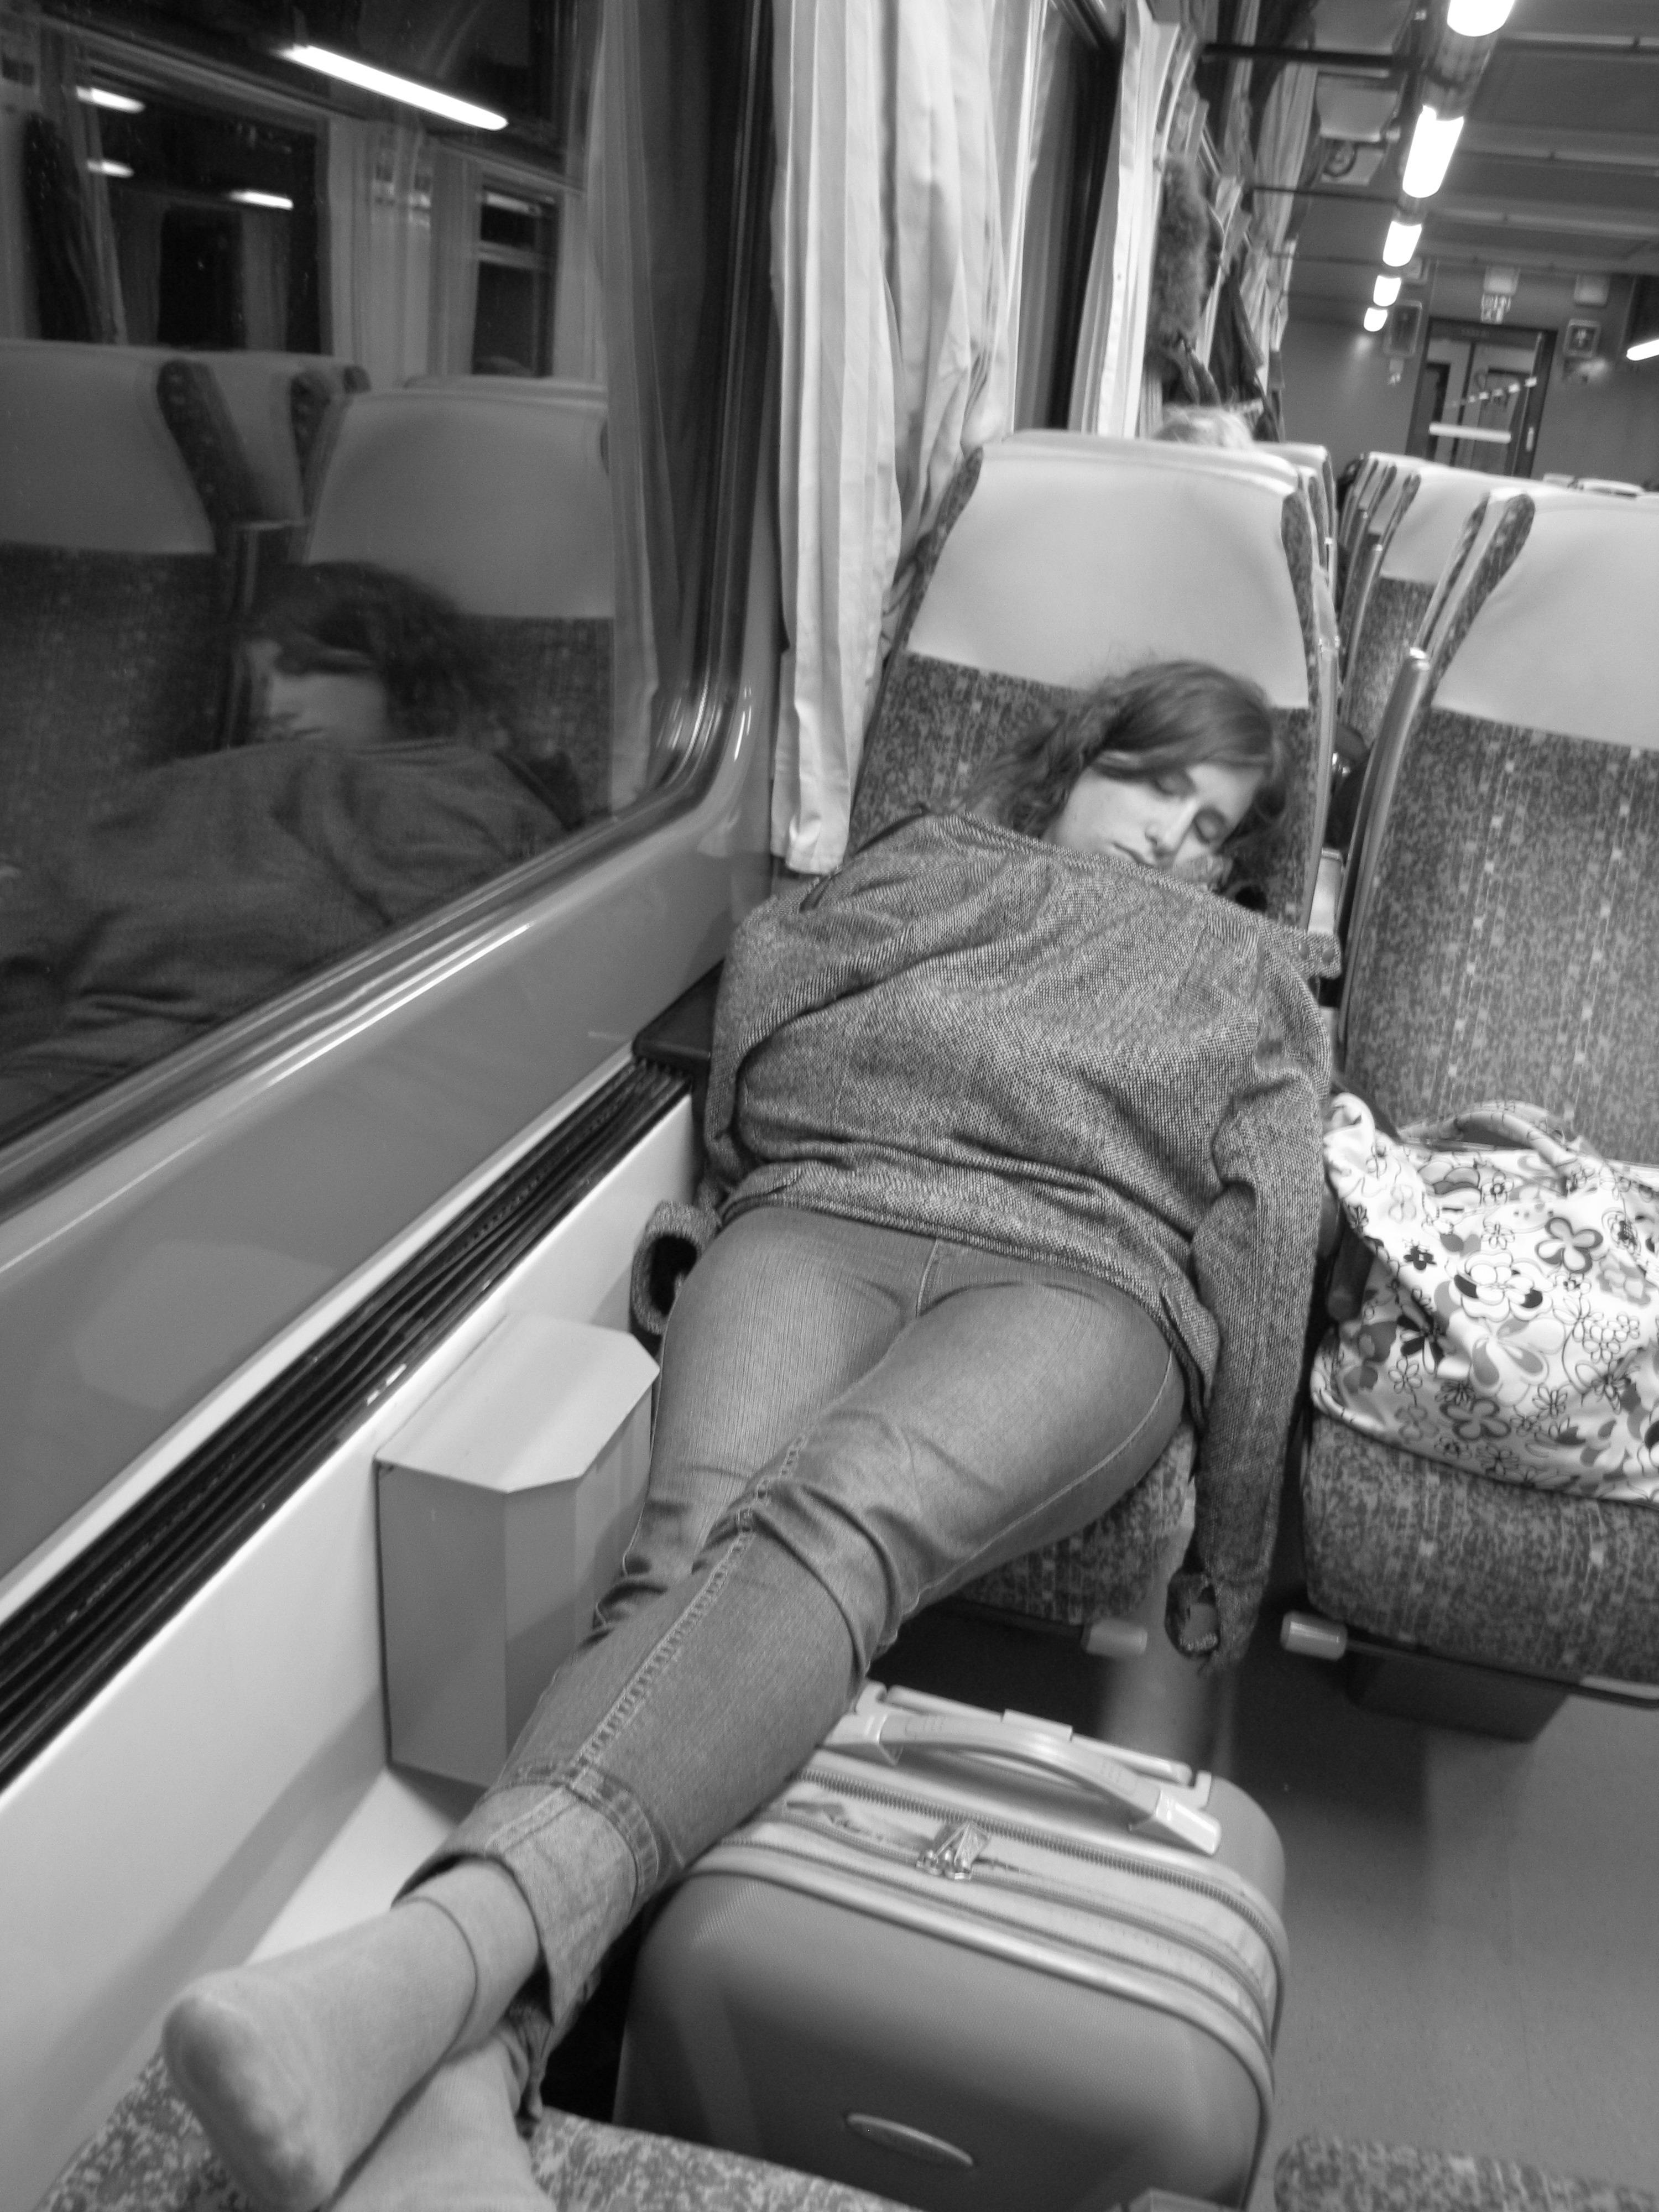 Фотографии спящих людей в поездах афганский